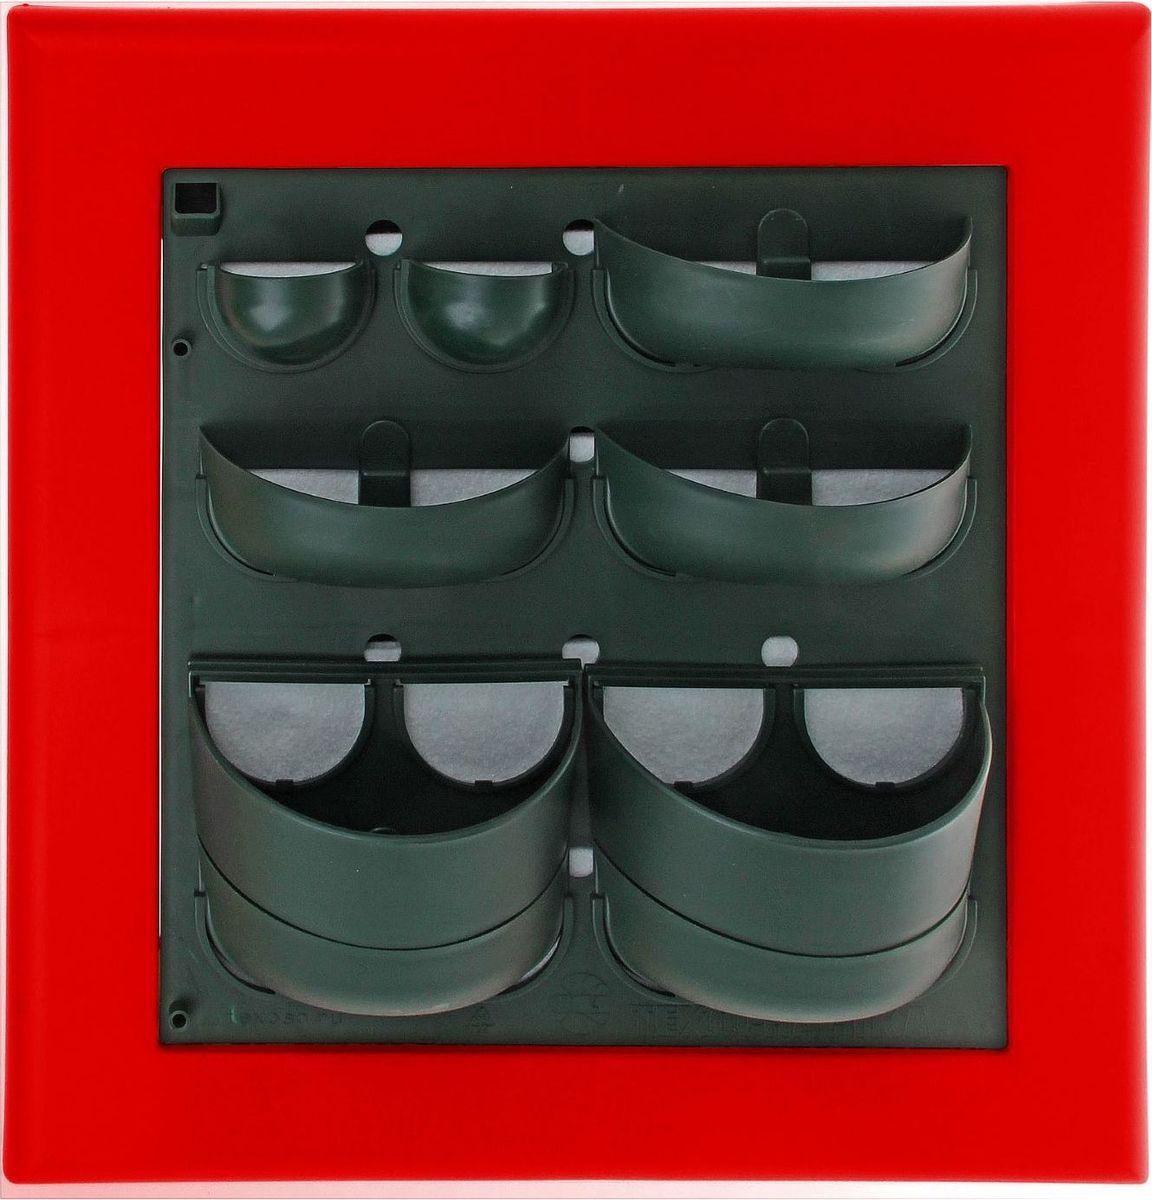 Кашпо Техоснастка Фитокартина, настенное, цвет: красный, 59 х 58 х 13 см1533177Любой, даже самый современный и продуманный интерьер не будет выглядеть завершённым без растений. Они не только очищают воздух и насыщают кислородом, но и заметно украшают окружающее пространство. Такому полезному &laquo члену семьи&raquoпросто необходим красивый и функциональный &laquo дом&raquo . Наше предложение &mdashфитокартина! Благодаря съёмным блокам-кашпо вы сможете создать любую композицию на свой вкус. Как собирать? Распакуйте фитопанель, подготовьте необходимое количество растений.Возьмите маленький горшок и разместите в нем водопроводящий картридж (входит в комплект).Разместите подходящее по размеру растение в горшке.Поместите картридж с растением между передней частью панели и капиллярным матом.Закрепите горшок с растением на фитомодуле.Вставив в каждую выемку картридж, закрепите на фитомодуле нижнюю часть большого горшка.Затем так же закрепите верхнюю часть большого горшка строго над нижней.Посадите в большой горшок выбранное растение. Ваша фитокартина готова!Фотоинструкция.Рекомендации по поливу Вставьте в левый нижний угол водоотводящую трубку. Медленно заливайте воду в панно через поливочное отверстие. Как только она покажется в трубке, прекратите полив. Опустив трубку вниз, можно слить ненужную жидкость обратно в лейку. Уберите трубку до следующего орошения. Режим полива зависит от температуры и влажности в помещении, состава грунта, интенсивности освещения, возраста и типа растения и многих других факторов. Частота может варьироваться от 2 до 4 недель. Чтобы растение легко прижилось в новом горшке, рекомендуем первые 3?4 недели производить полив не через трубку, а напрямую в грунт, используя лейку с узким носиком. Создавать красоту просто! Наполните свой дом прекрасными цветами, а мы позаботимся о низкой цене и высоком качестве от российского производителя.&nbsp